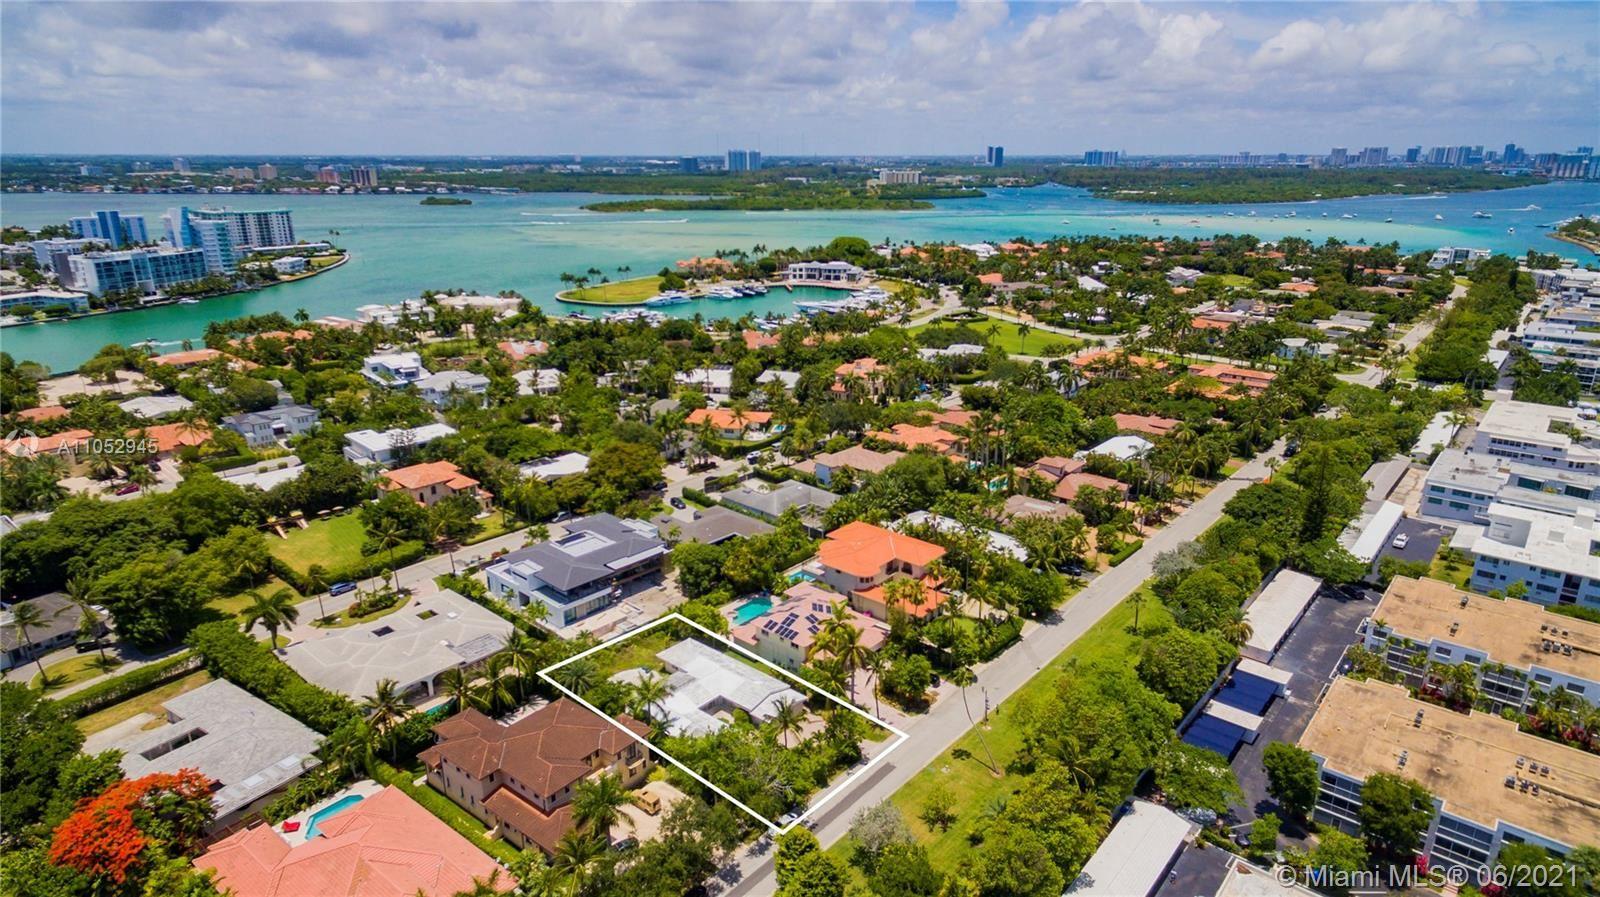 146 Park Dr, Bal Harbour, FL 33154 - #: A11052945